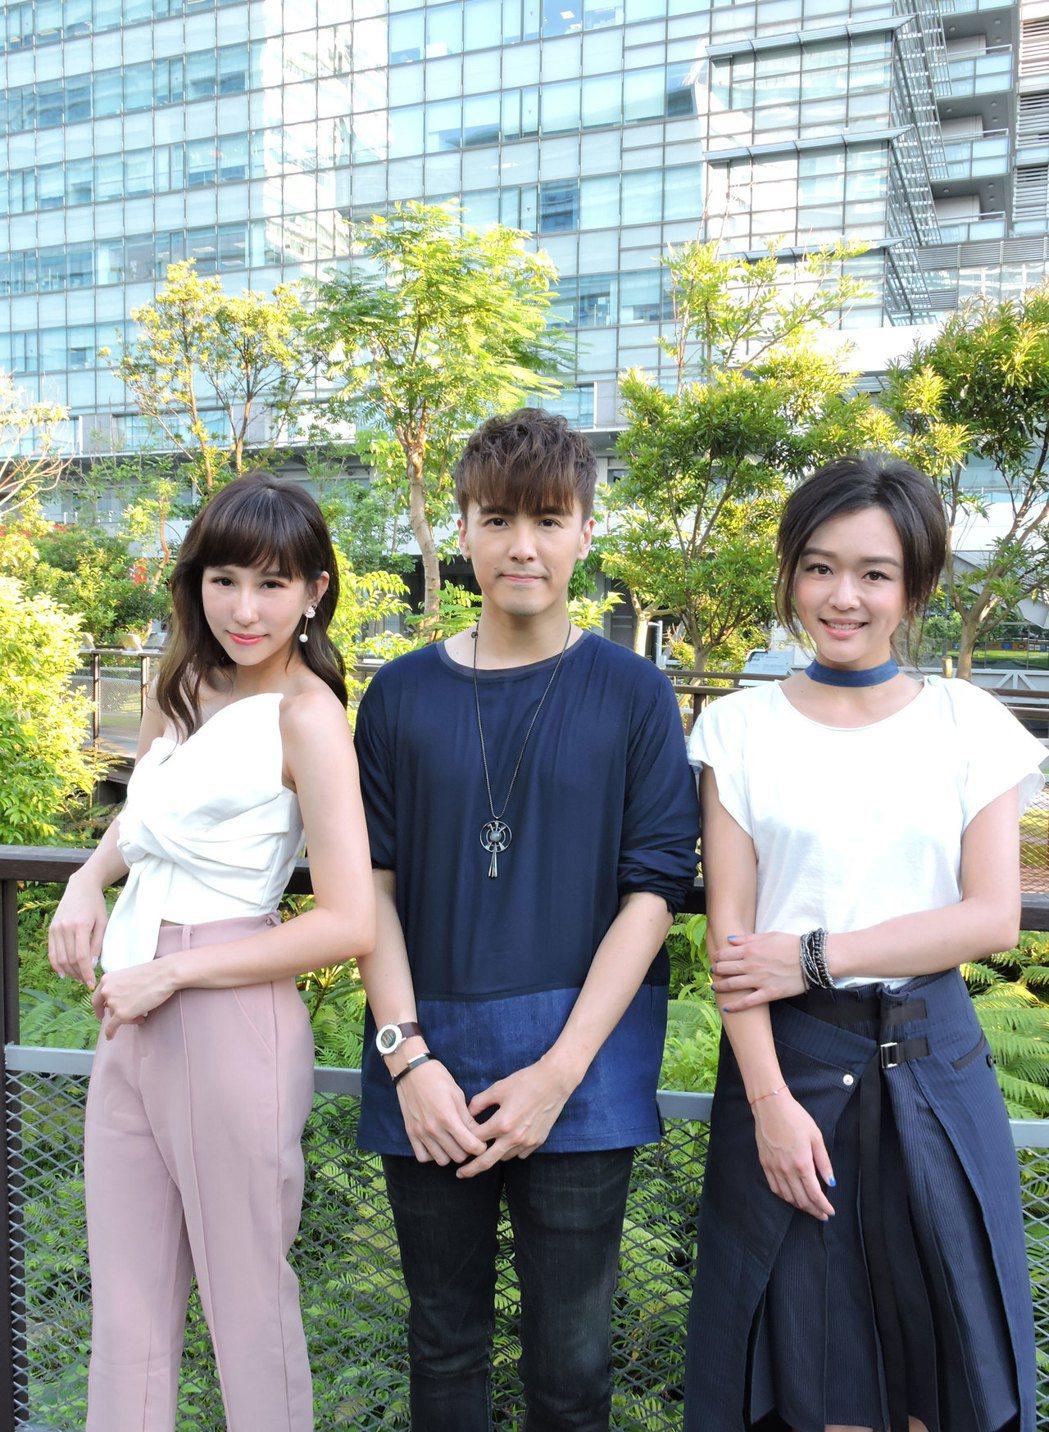 潘嘉麗(左起)、何維健、陳明熹為「鐘樓怪人」唱原聲帶。圖/太陽娛樂提供